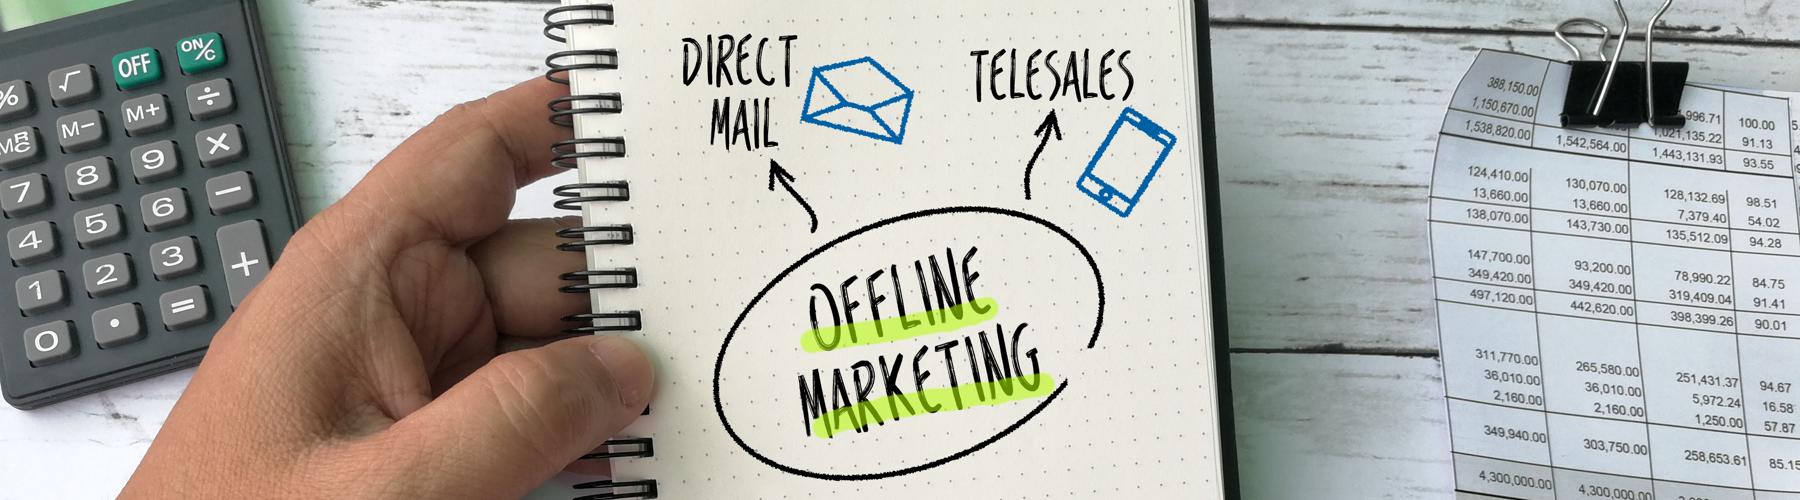 Por qué el Marketing Offline es Perfecto para la Época de Fiestas